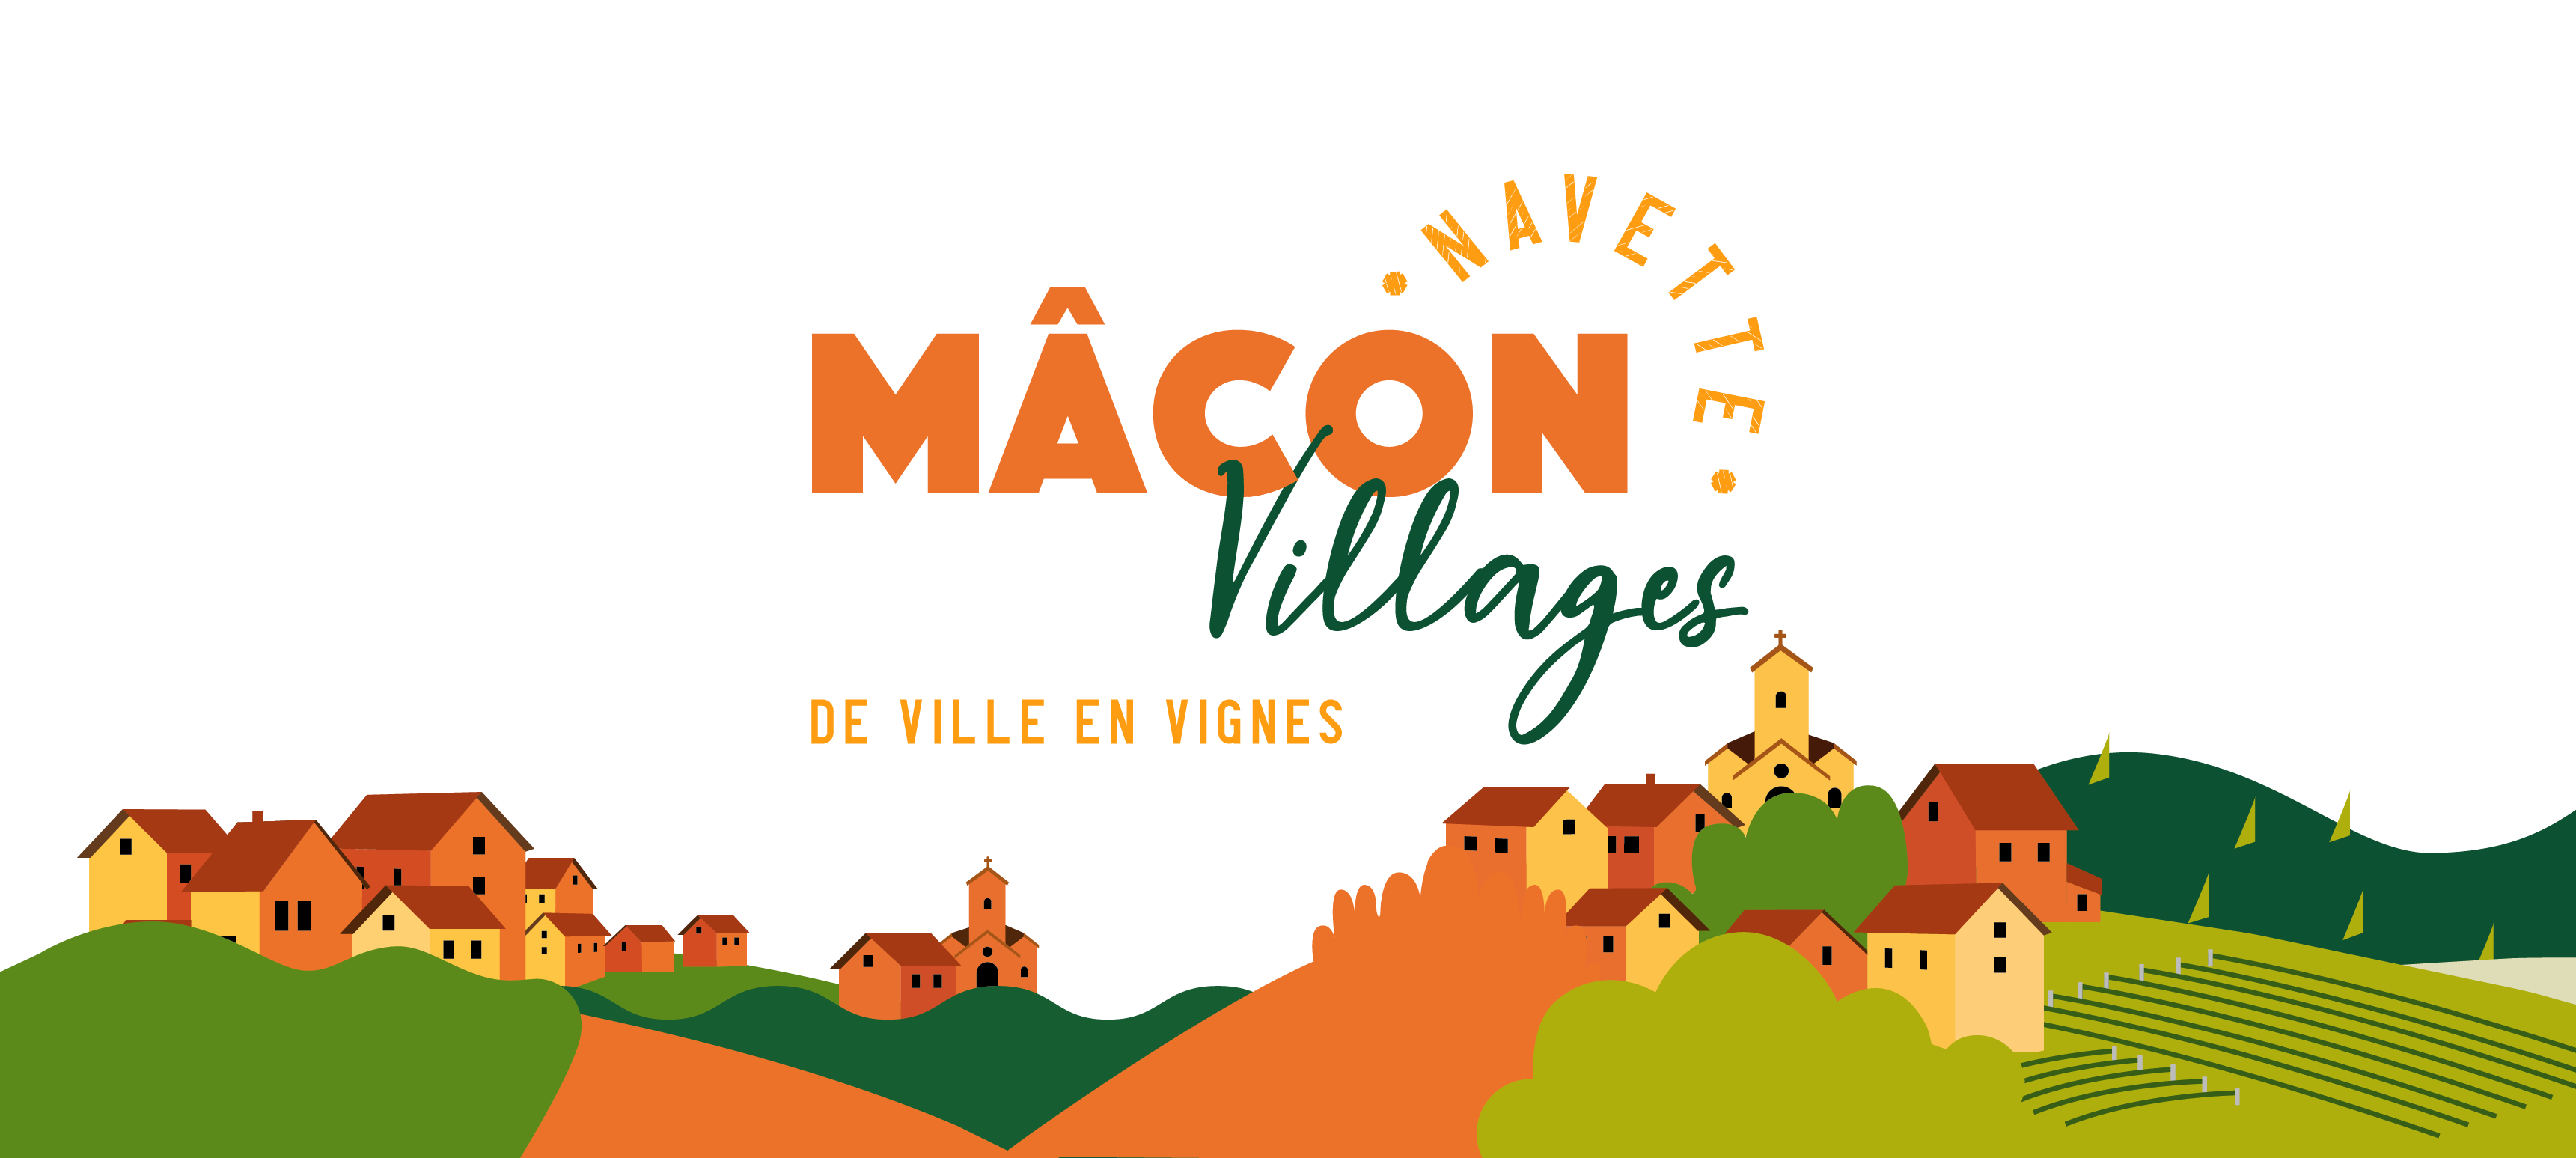 illustration navette Mâcon Villages de ville en vignes